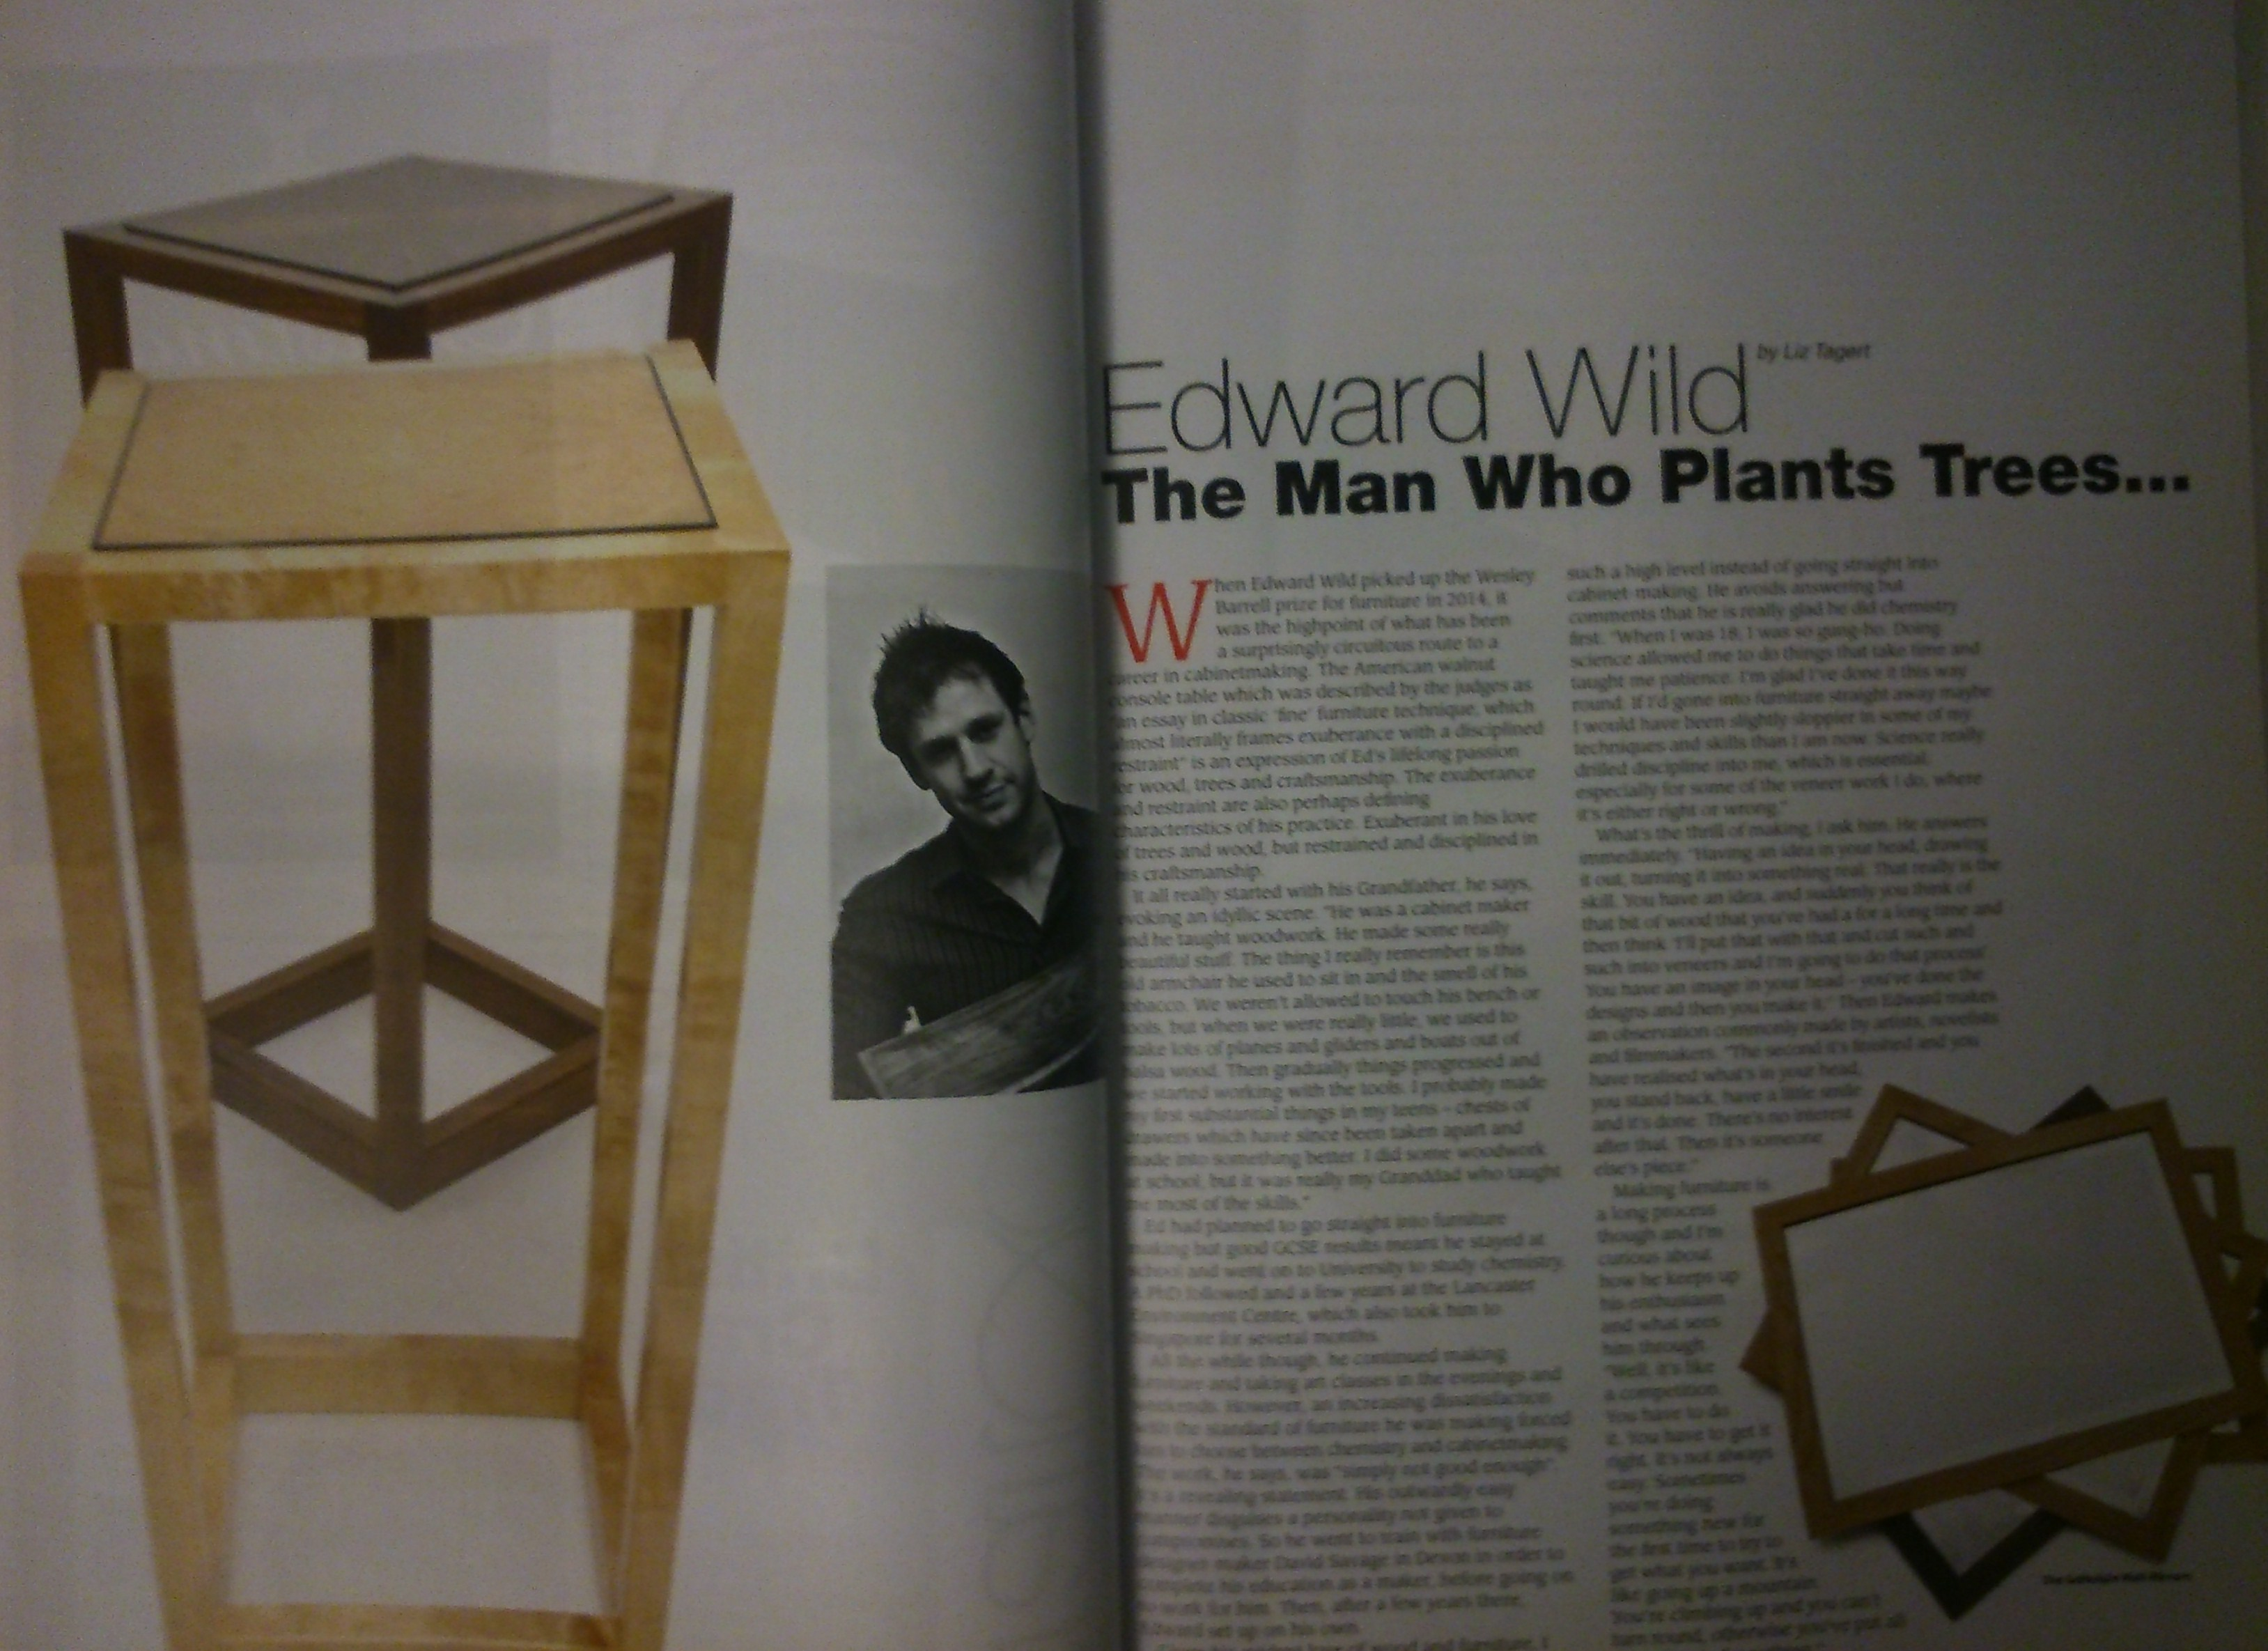 Edward Wild Craft & Design